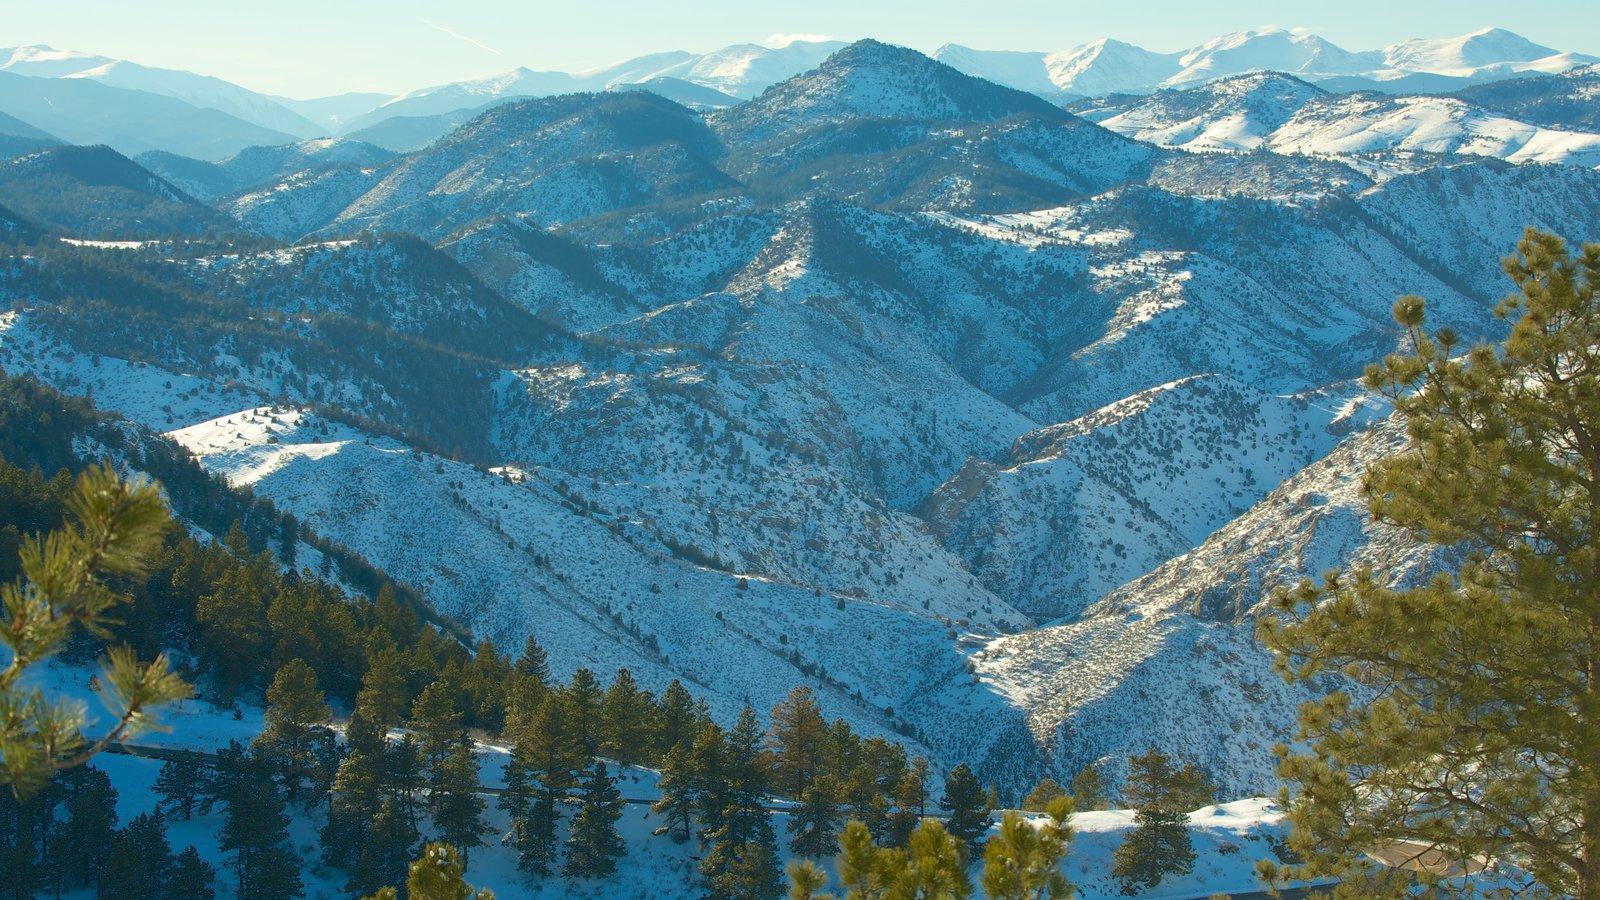 Golden ofreciendo nieve, vistas de paisajes y montañas